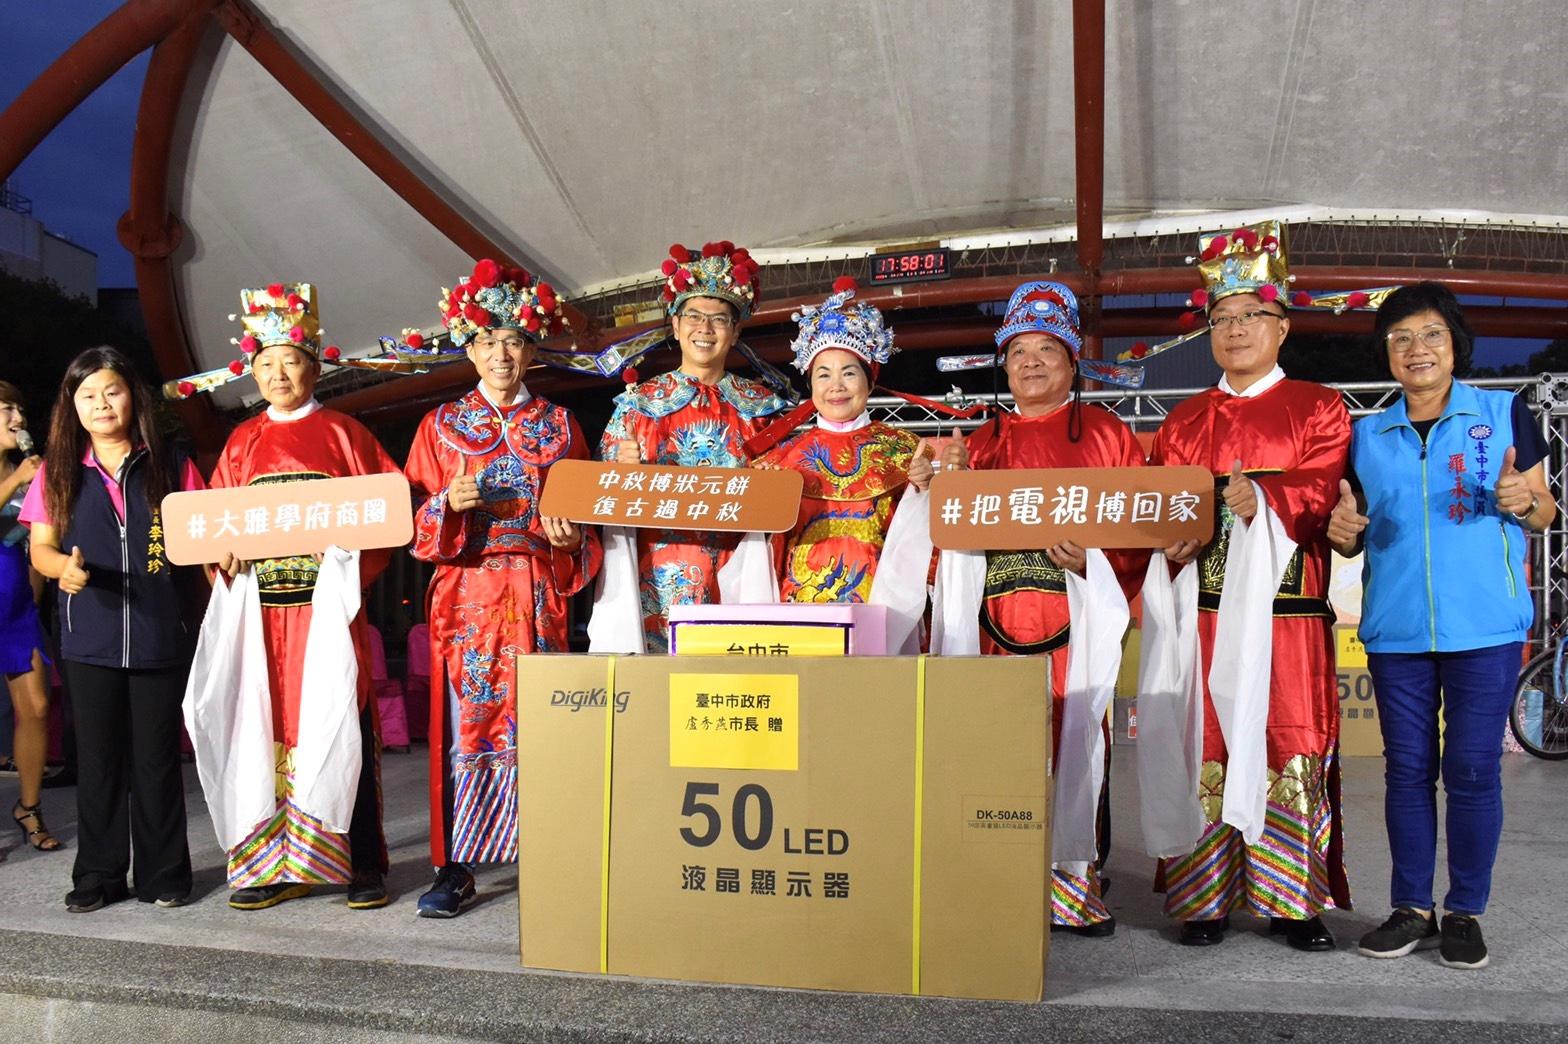 潭雅神首座商圈成立,抽50吋液晶電視促買氣。圖/台中市經發局提供